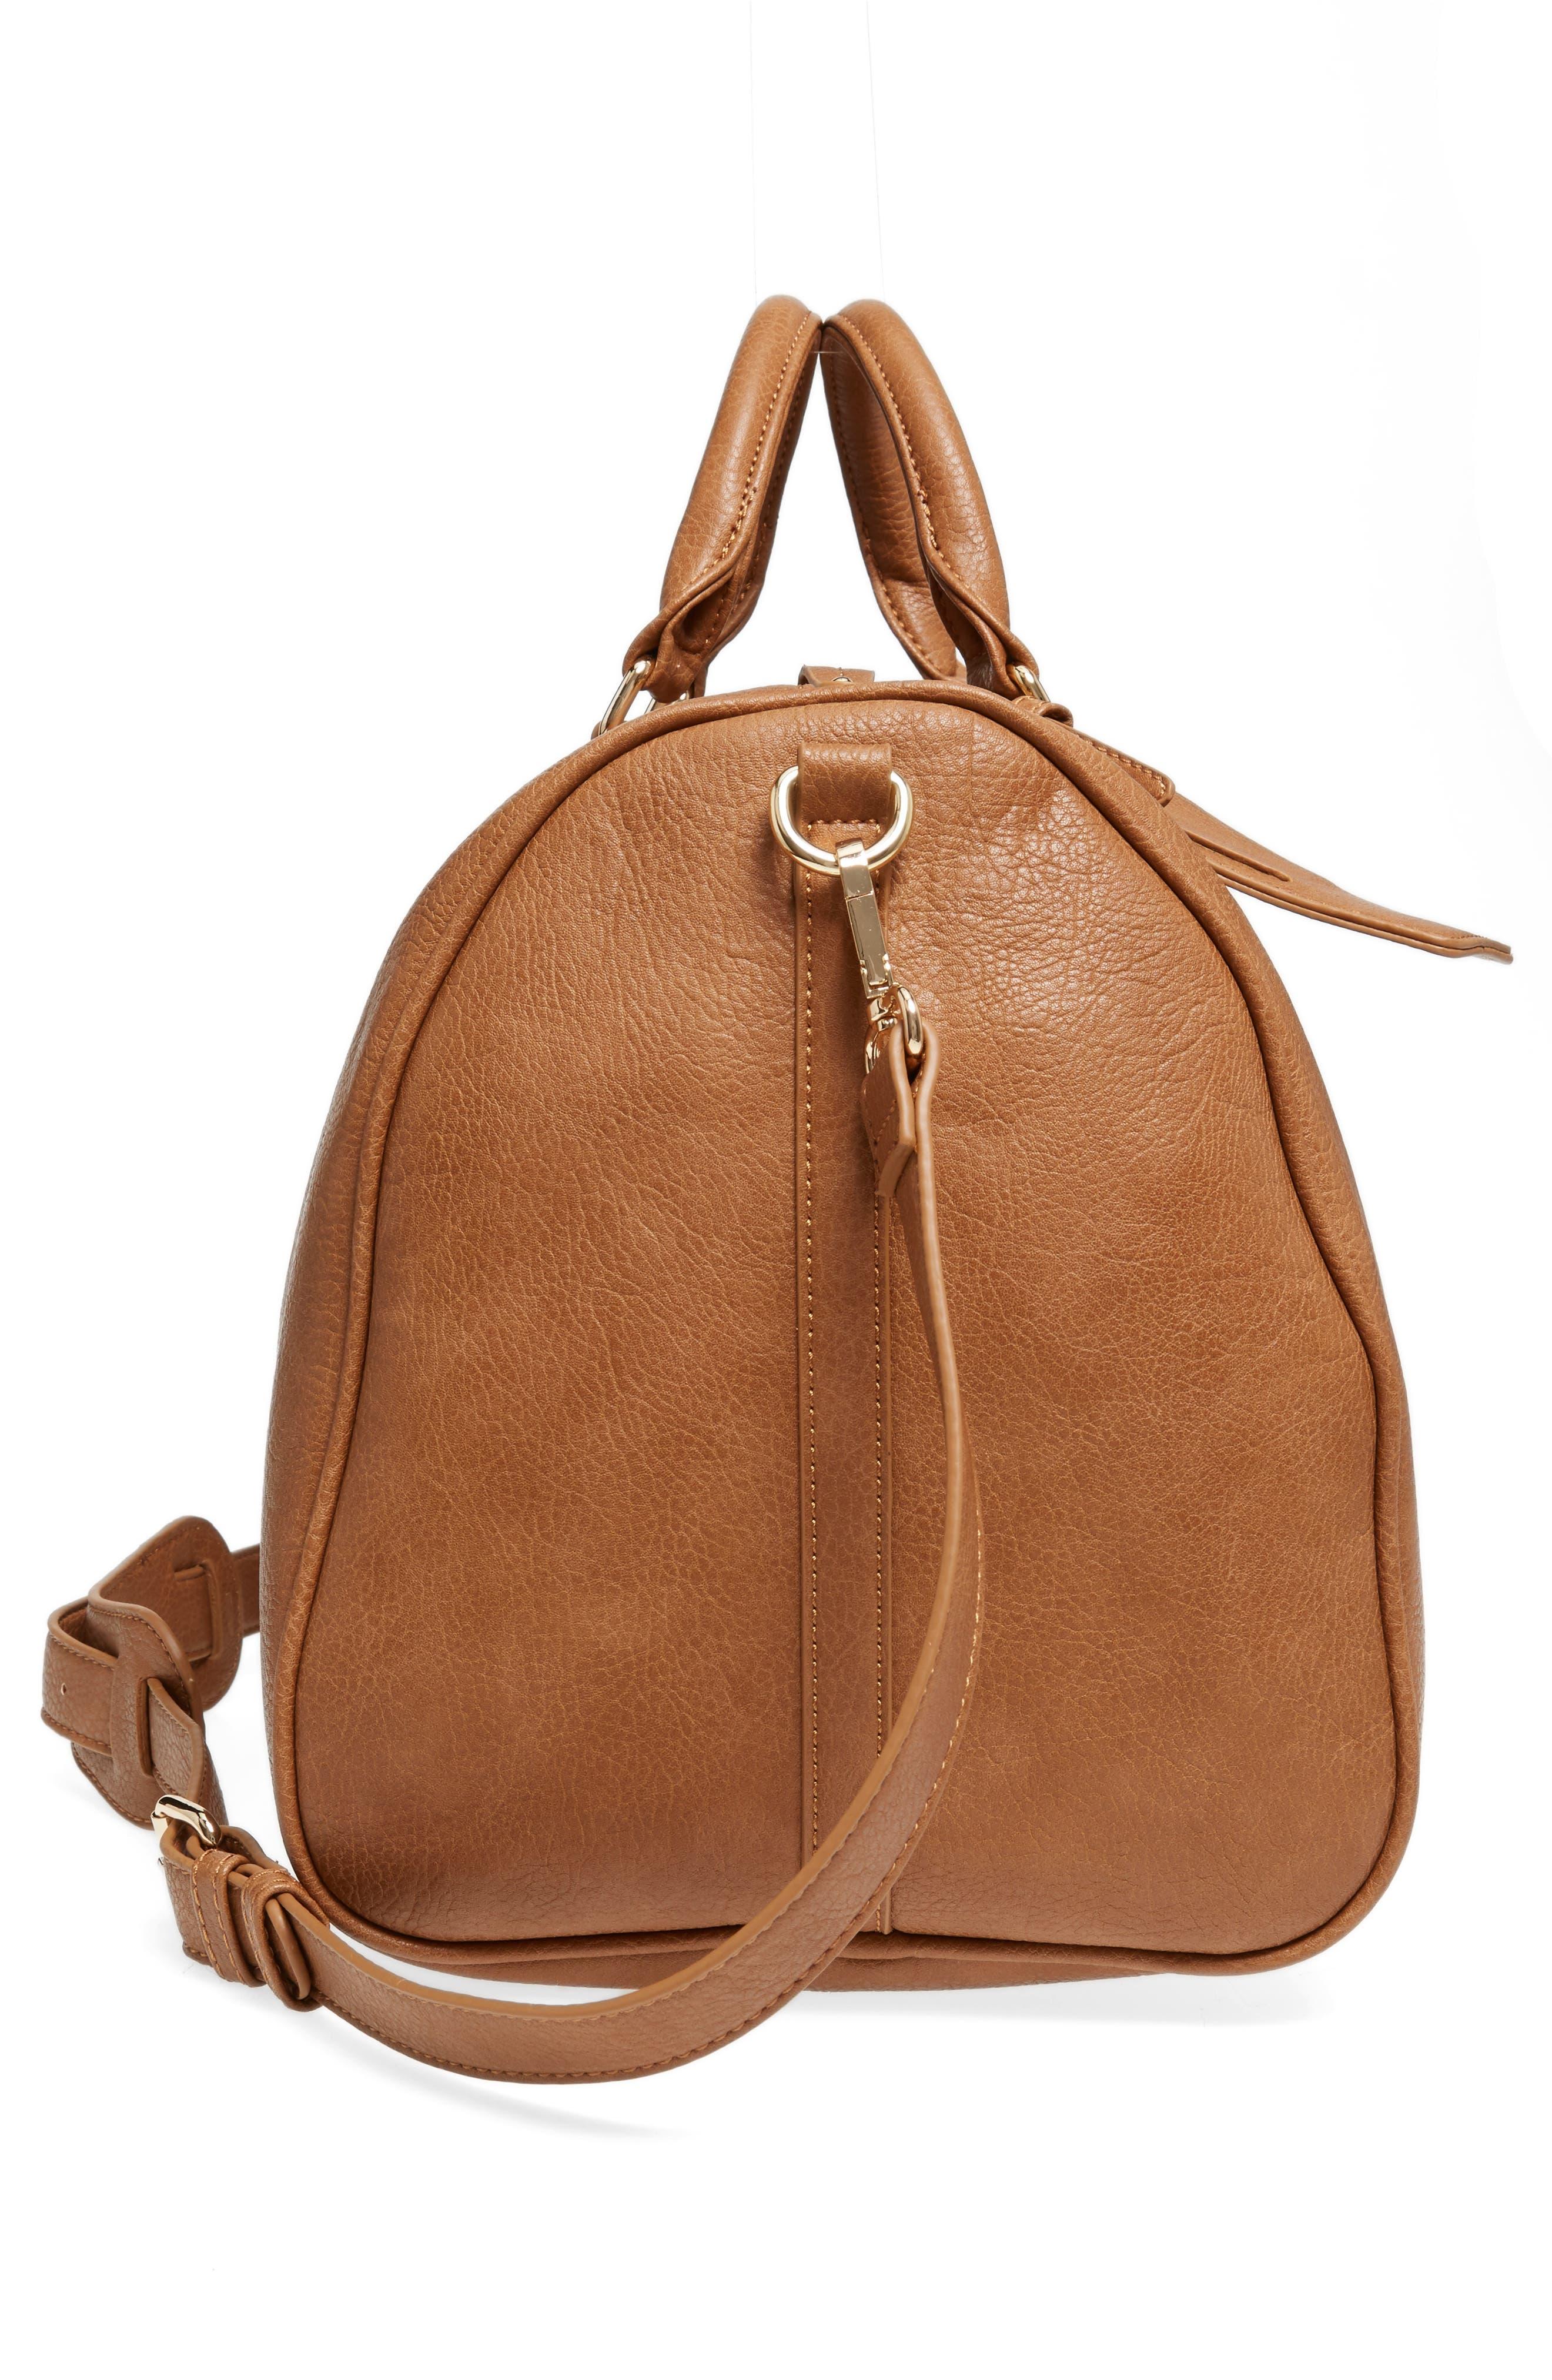 'Cassidy' Faux Leather Duffel Bag,                             Alternate thumbnail 5, color,                             COGNAC